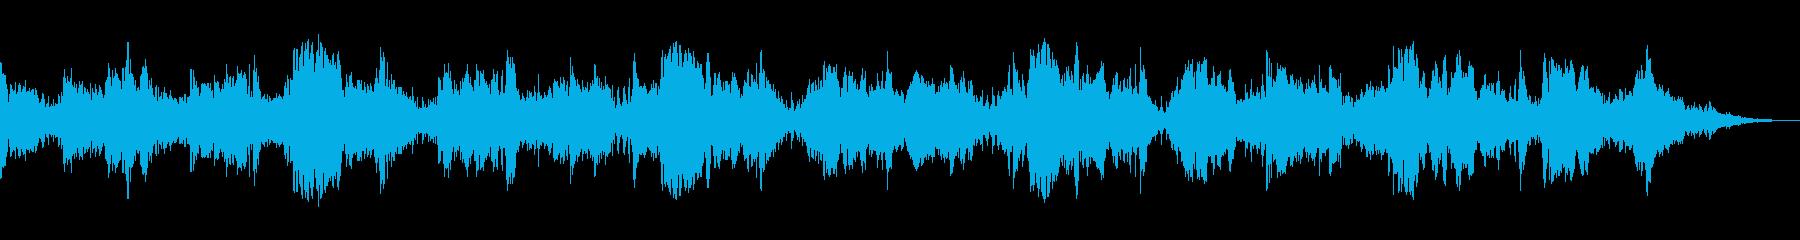 背景音 ホラー 16の再生済みの波形